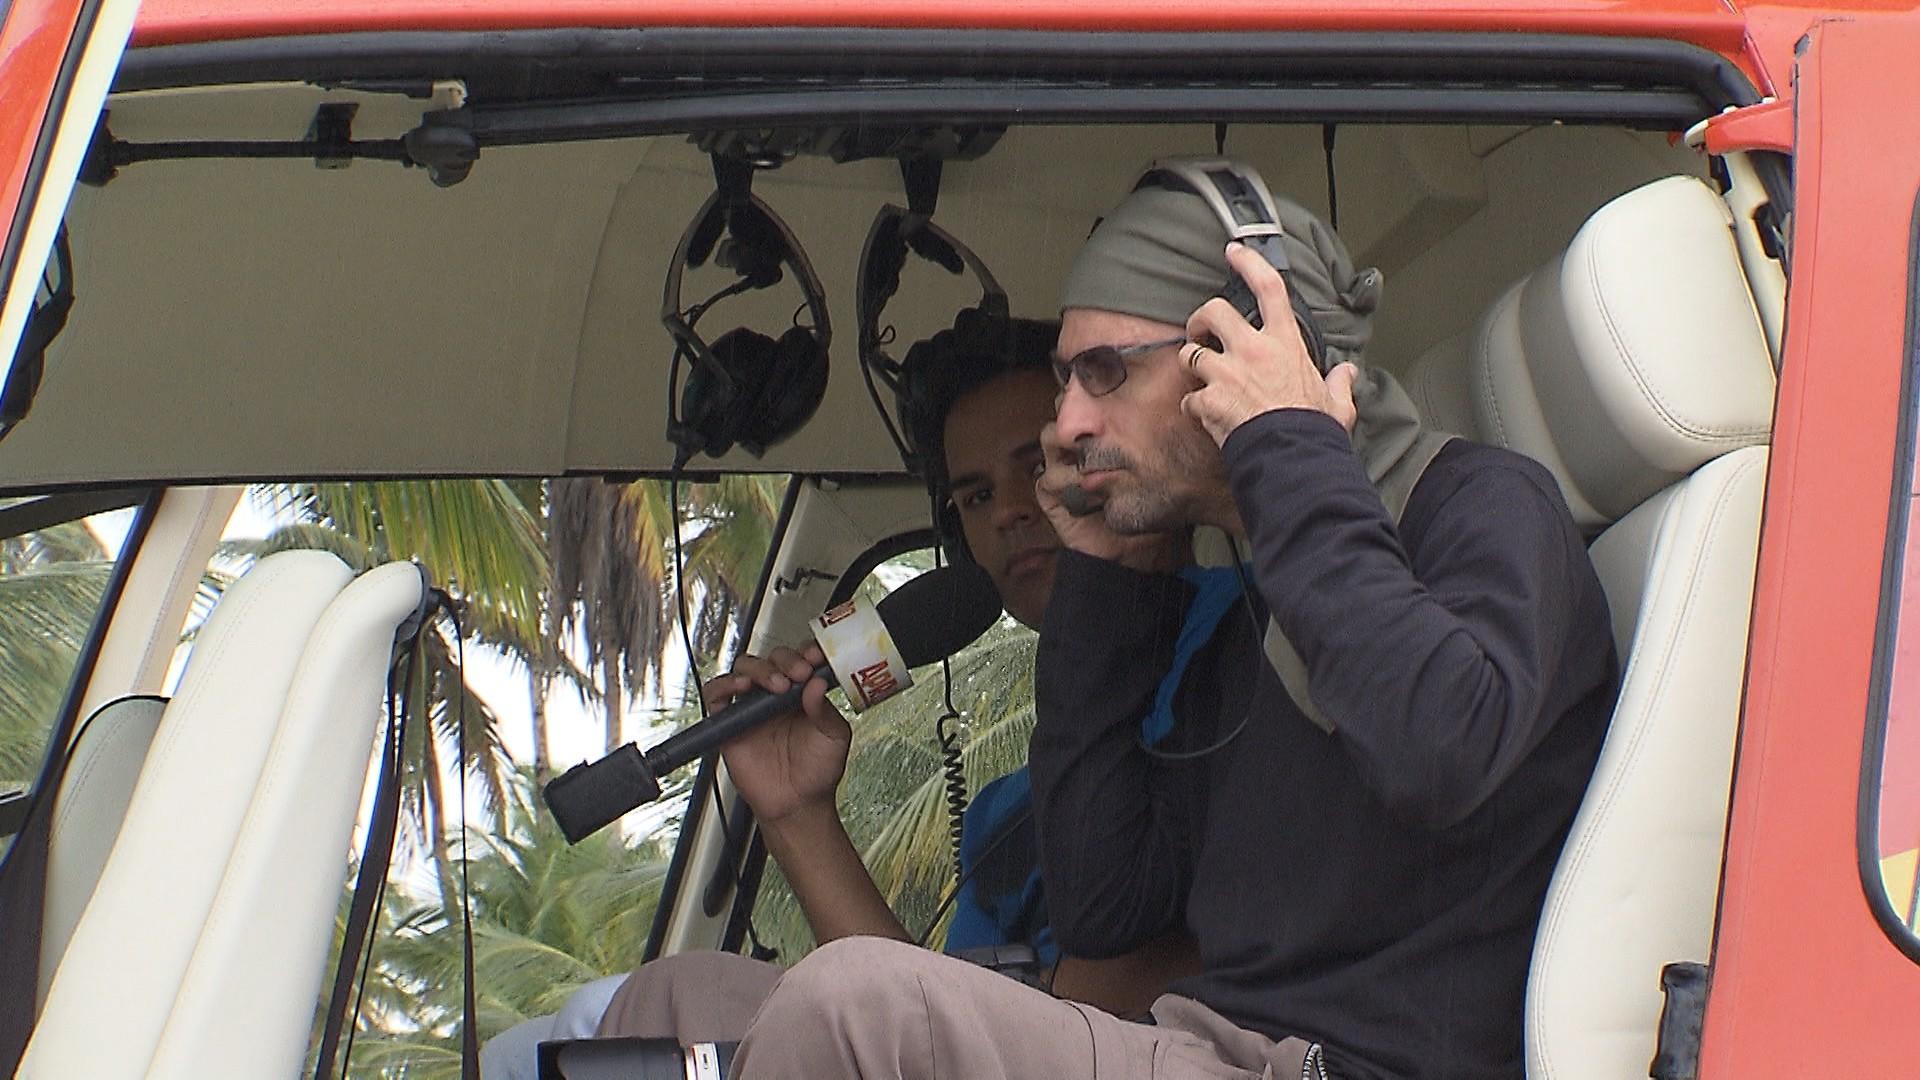 O repórter Pablo Vasconcelos acompanha o trabalho do fotógrafo (Foto: Divulgação)